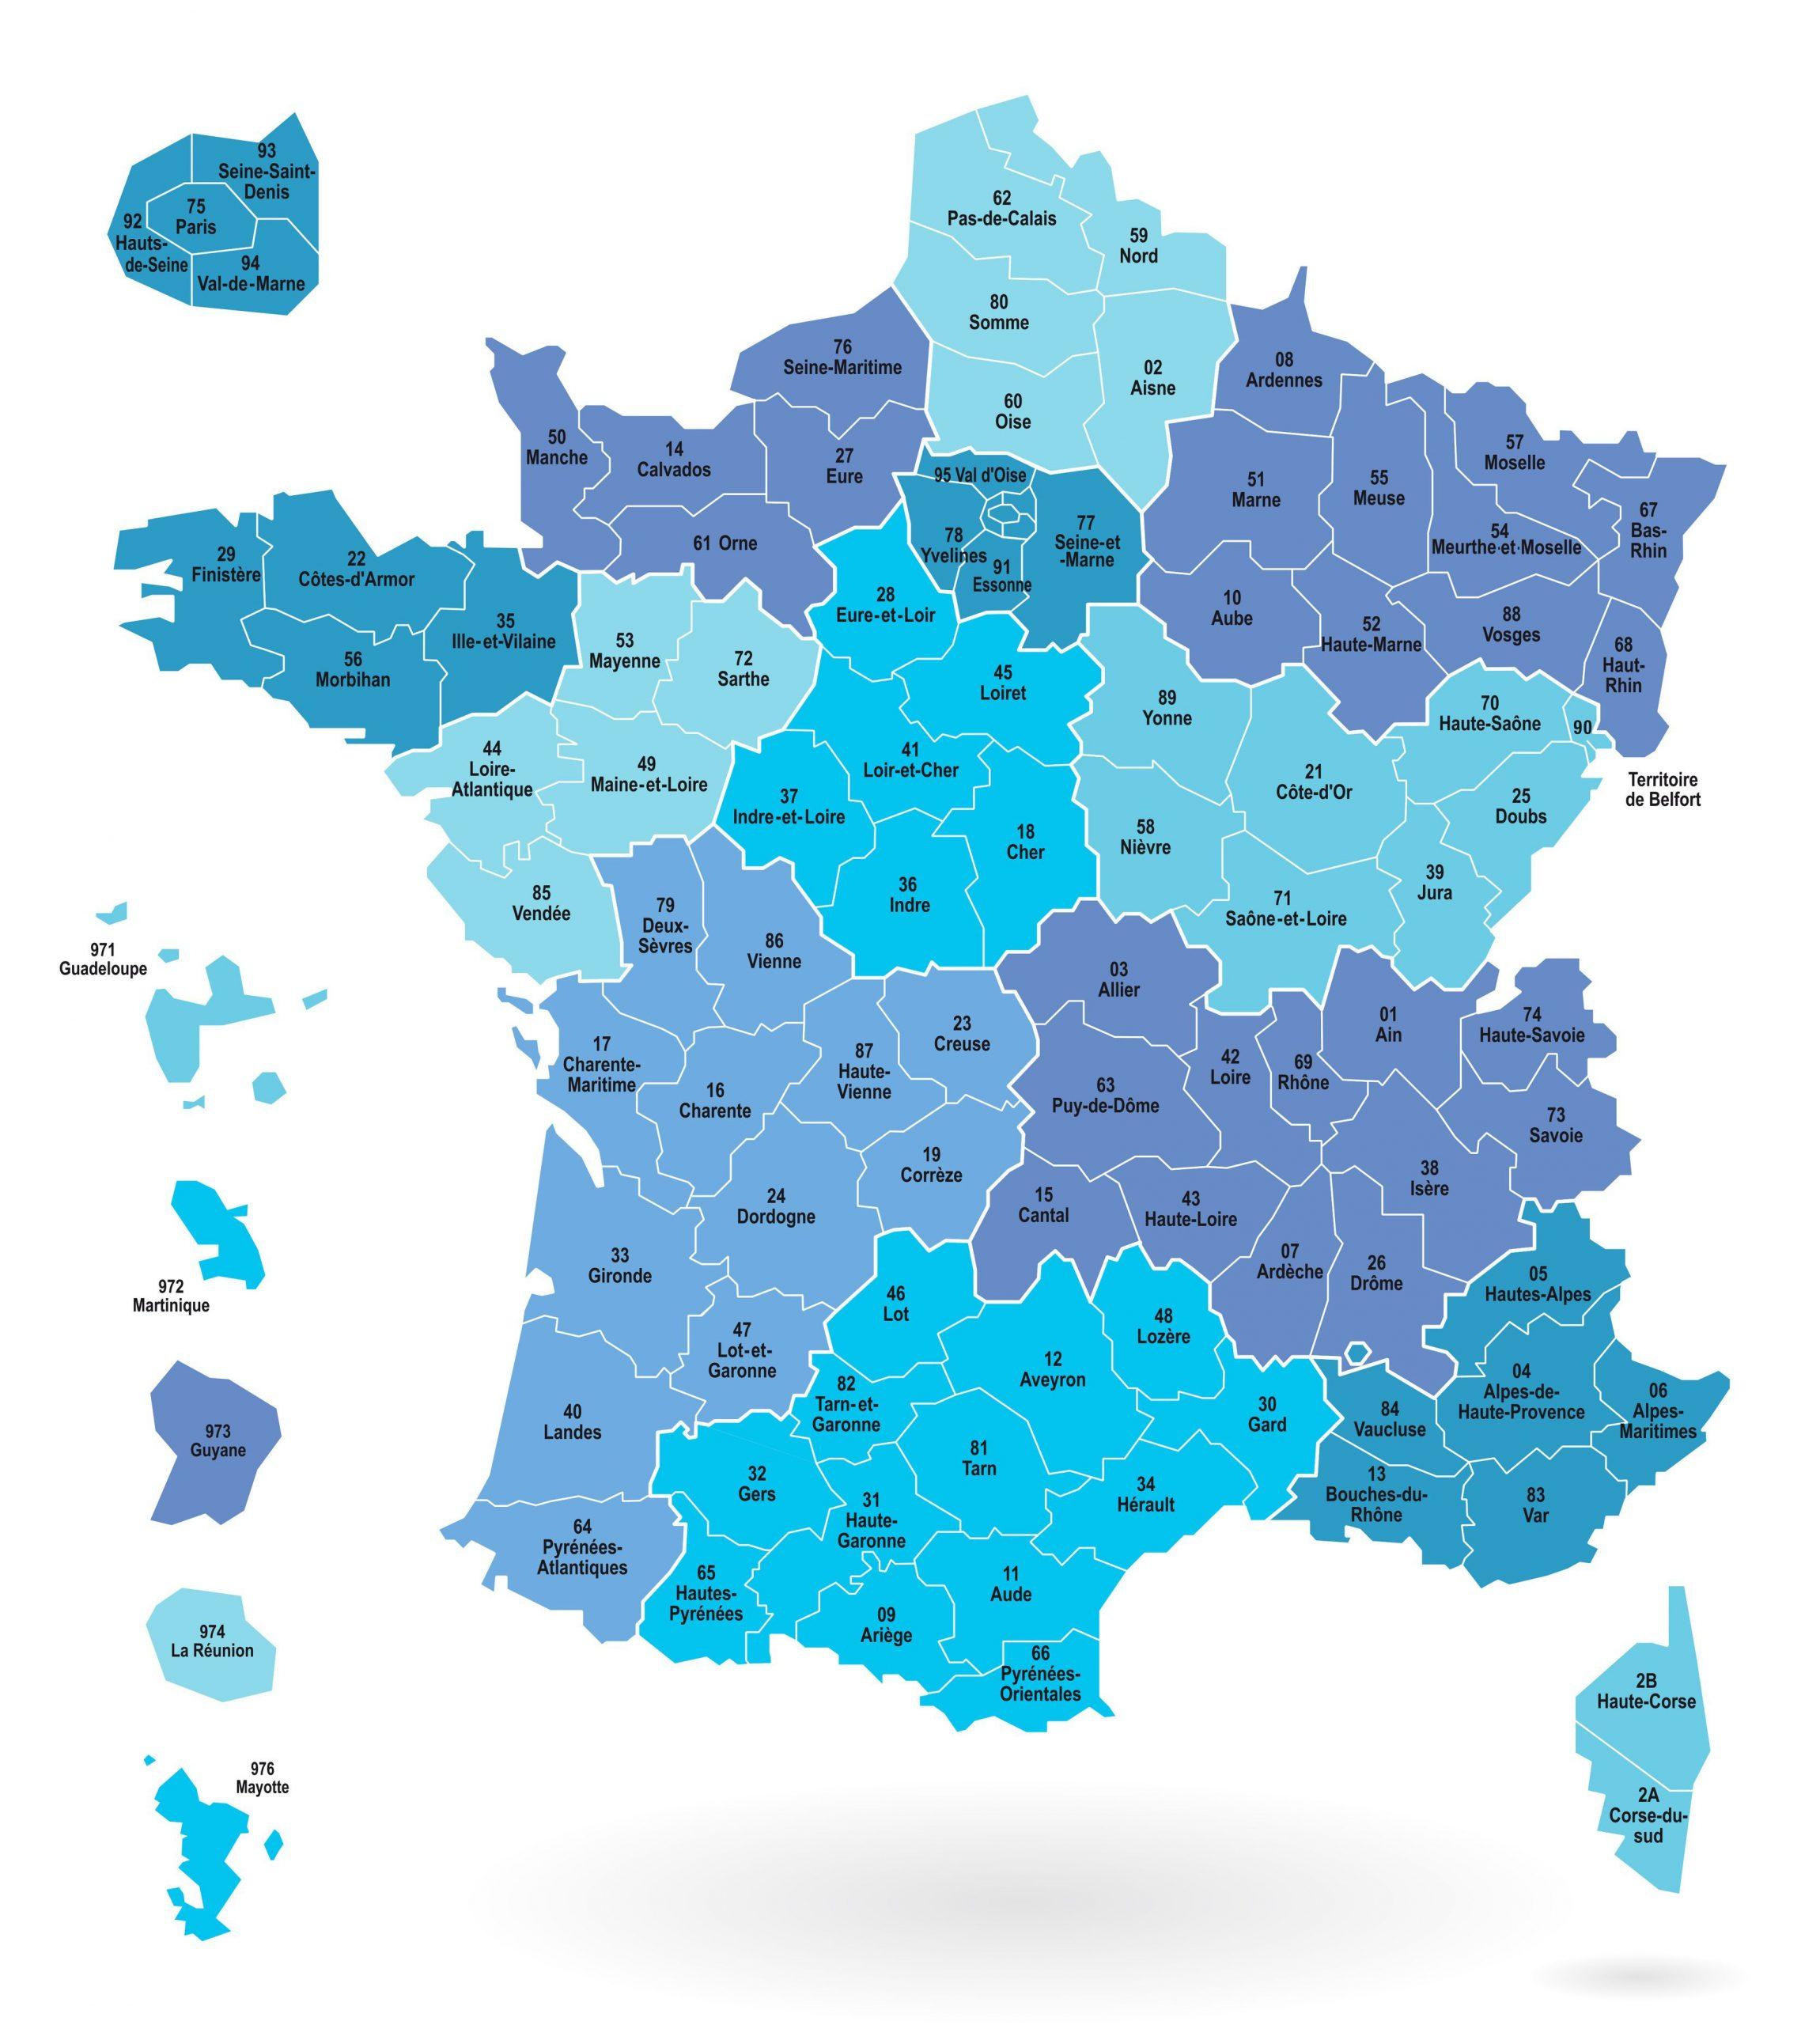 Cartes Des Départements Et Régions De La France - Cartes De dedans Carte Des Régions Françaises